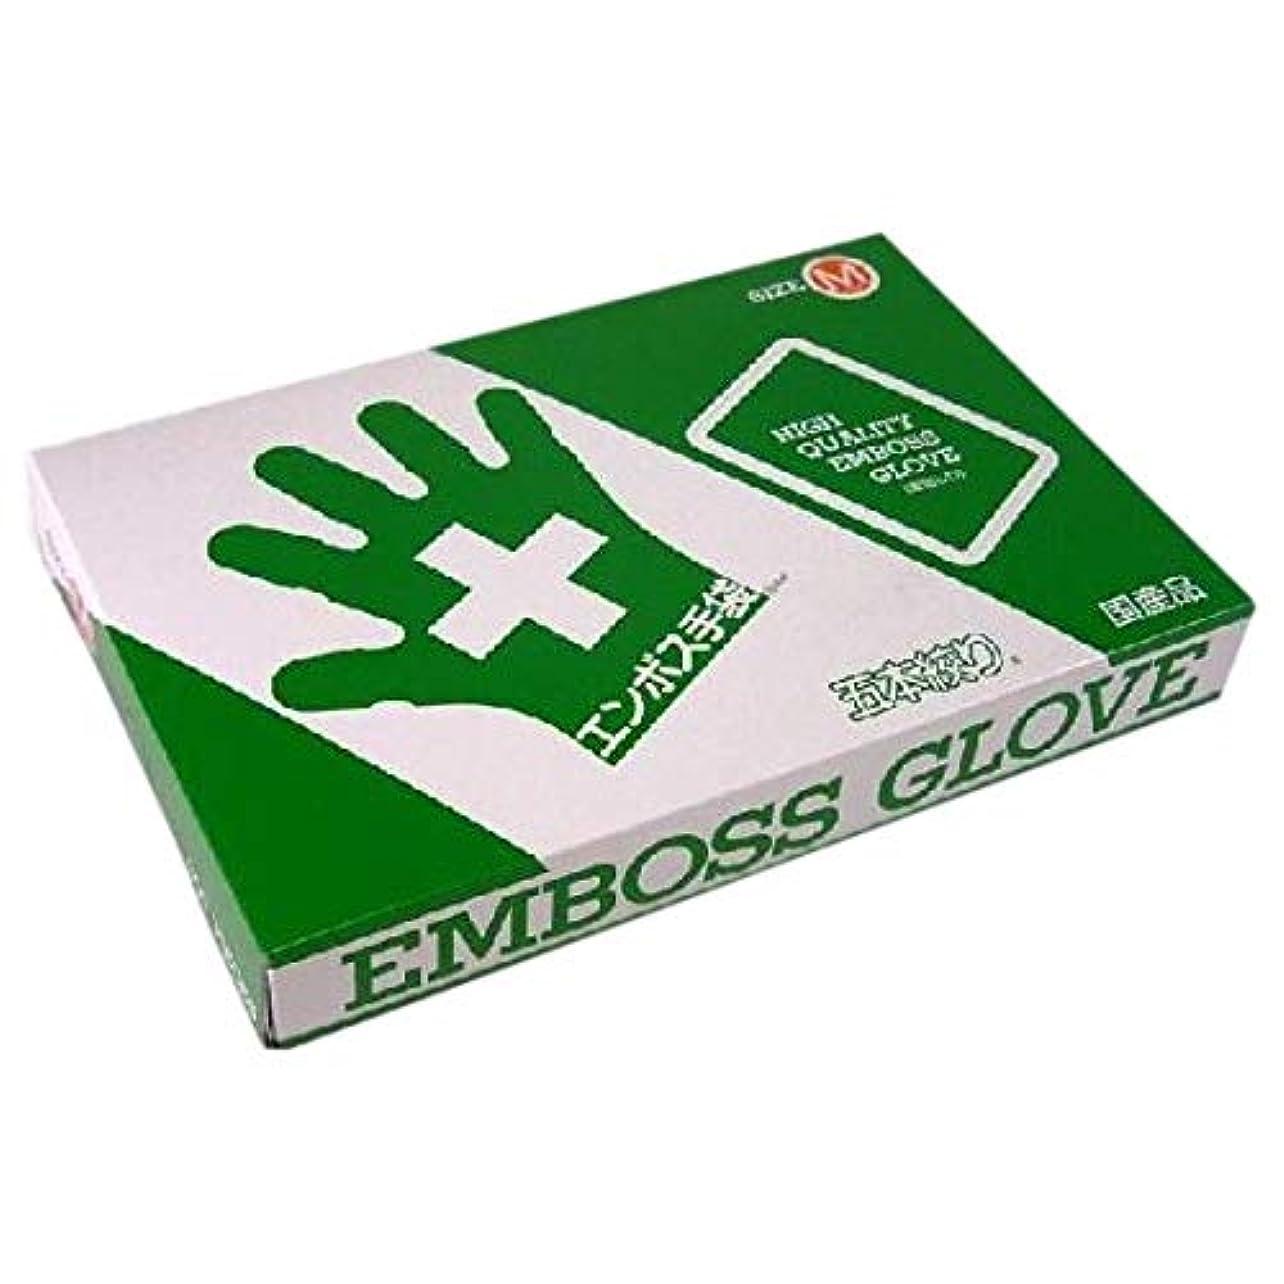 スリット潤滑するエチケットエンボス手袋 5本絞り(使い捨て手袋国産品) 東京パック M 200枚入